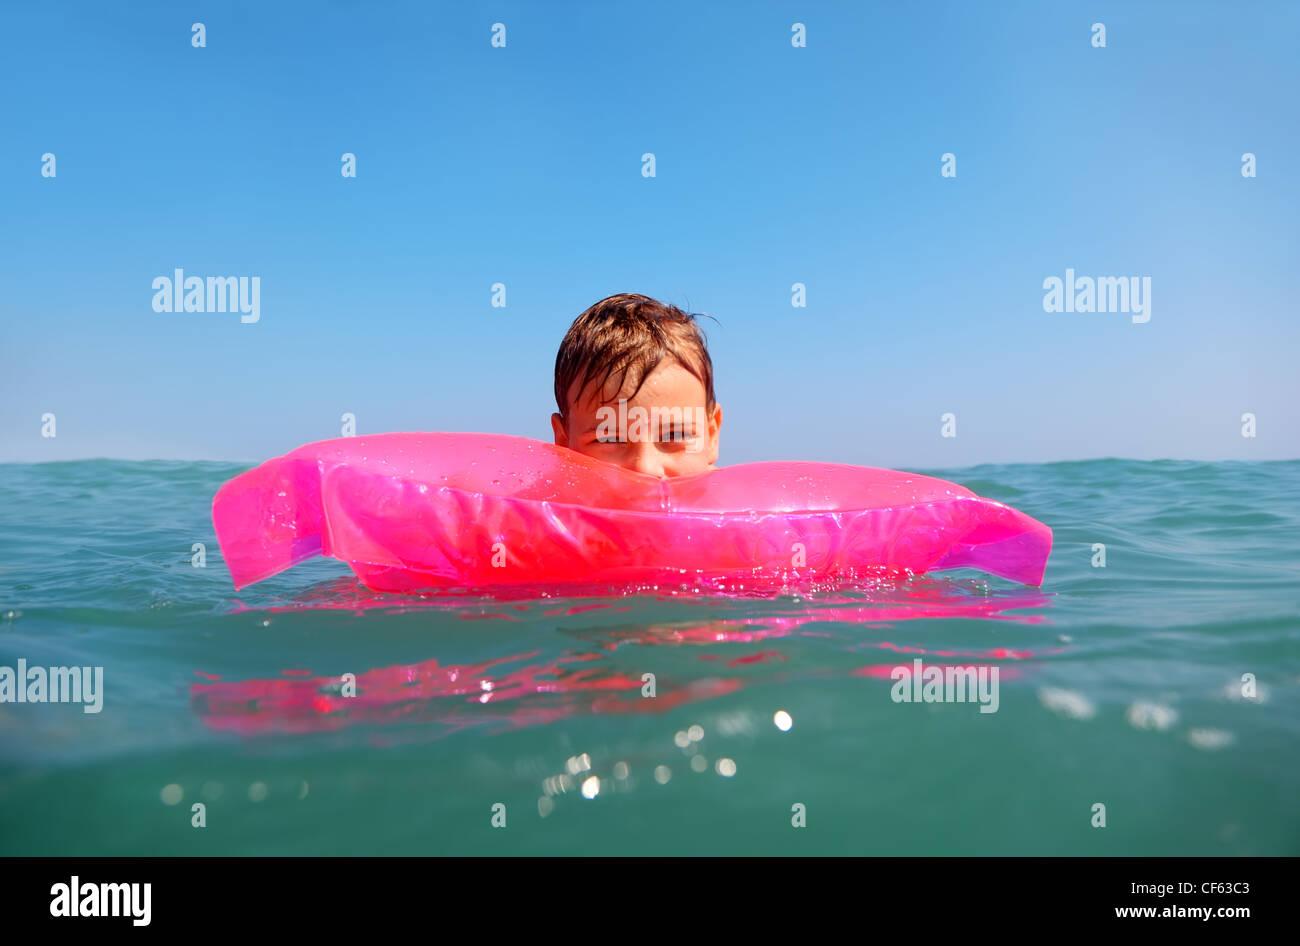 Der kleine Junge schwimmend im Meer auf aufblasbare rosa Matrese. erschossen von Unterwasser-Box, Wasser auf dem Stockbild